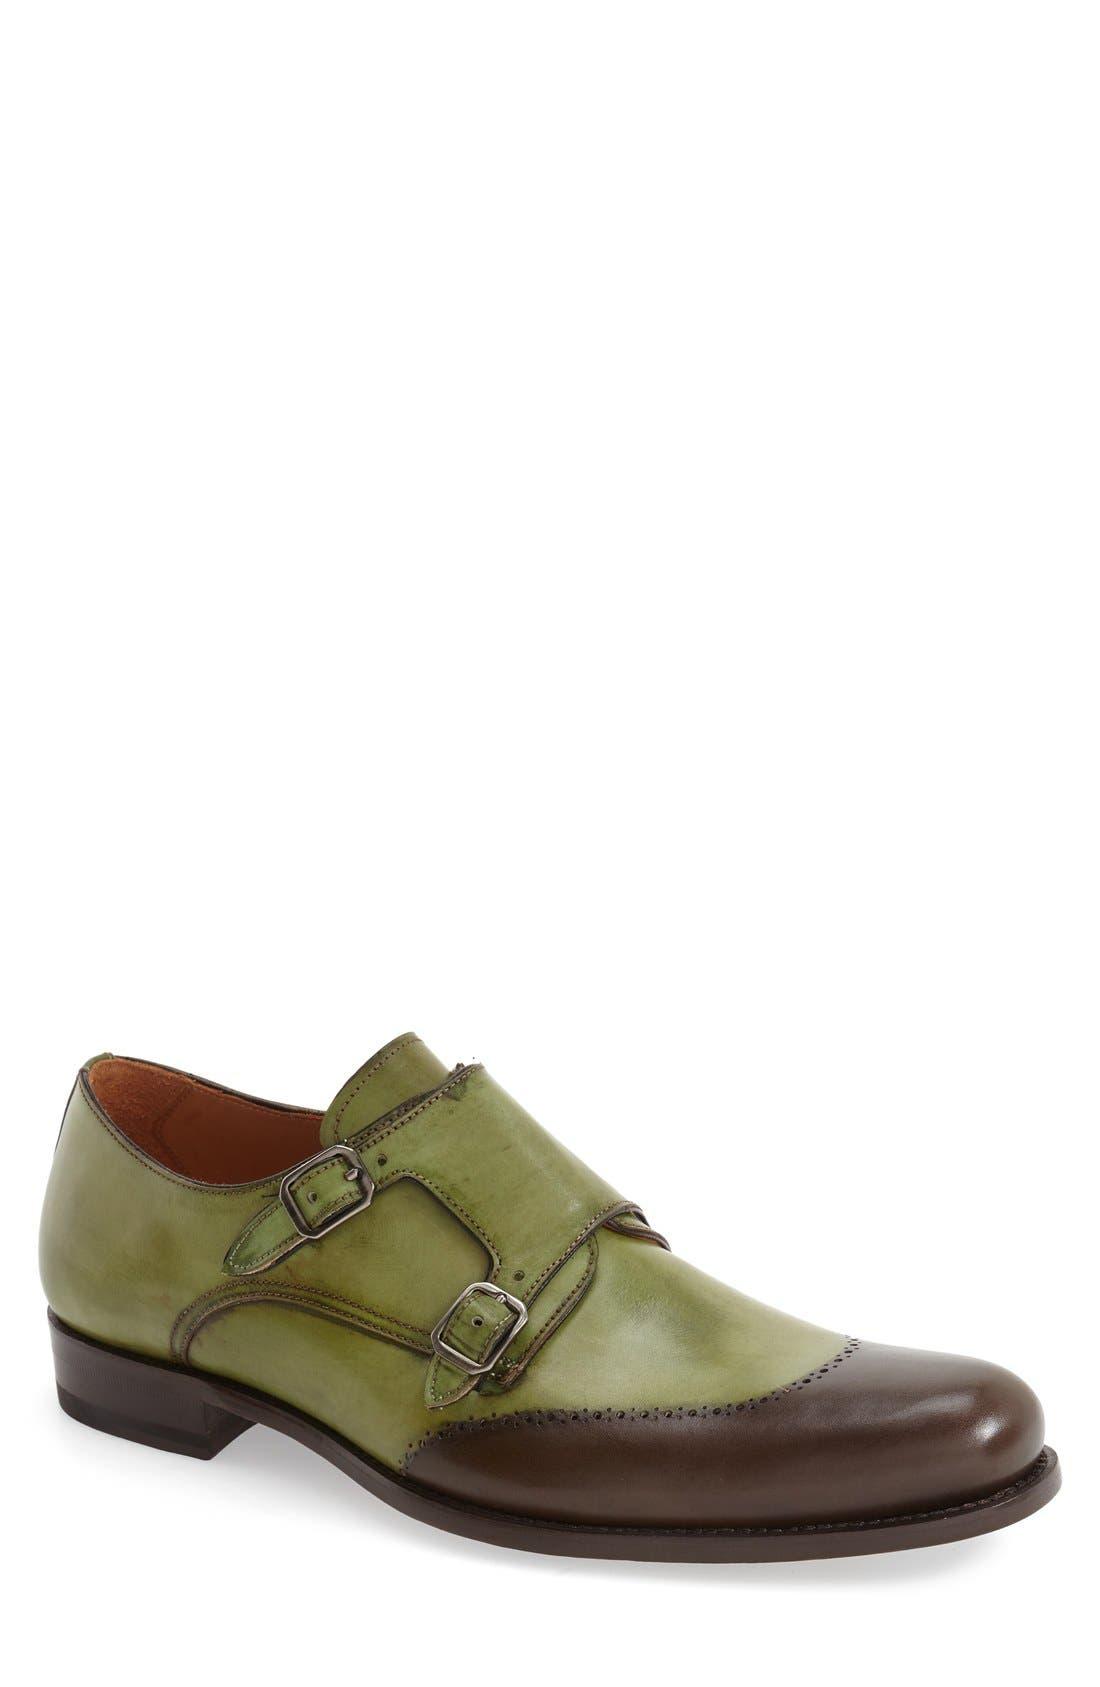 MEZLAN 'Riviera' Double Monk Strap Shoe